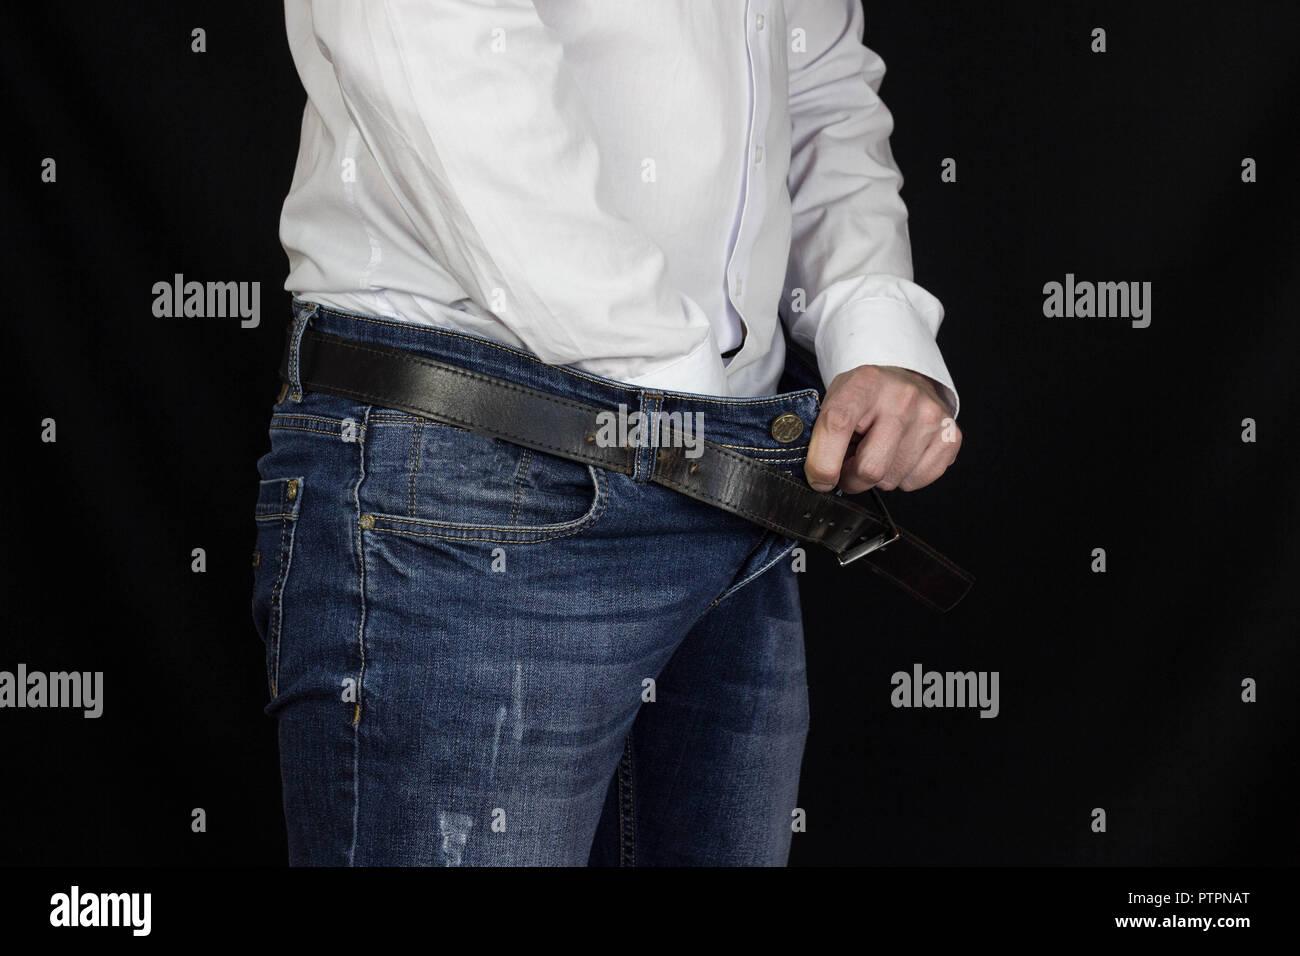 5bde5fd58000 Ein Mann in einem weißen Hemd und Jeans streckte seine Hand in seine Hose  und hält auf der Leiste, und in der Nähe schwarzer Hintergrund